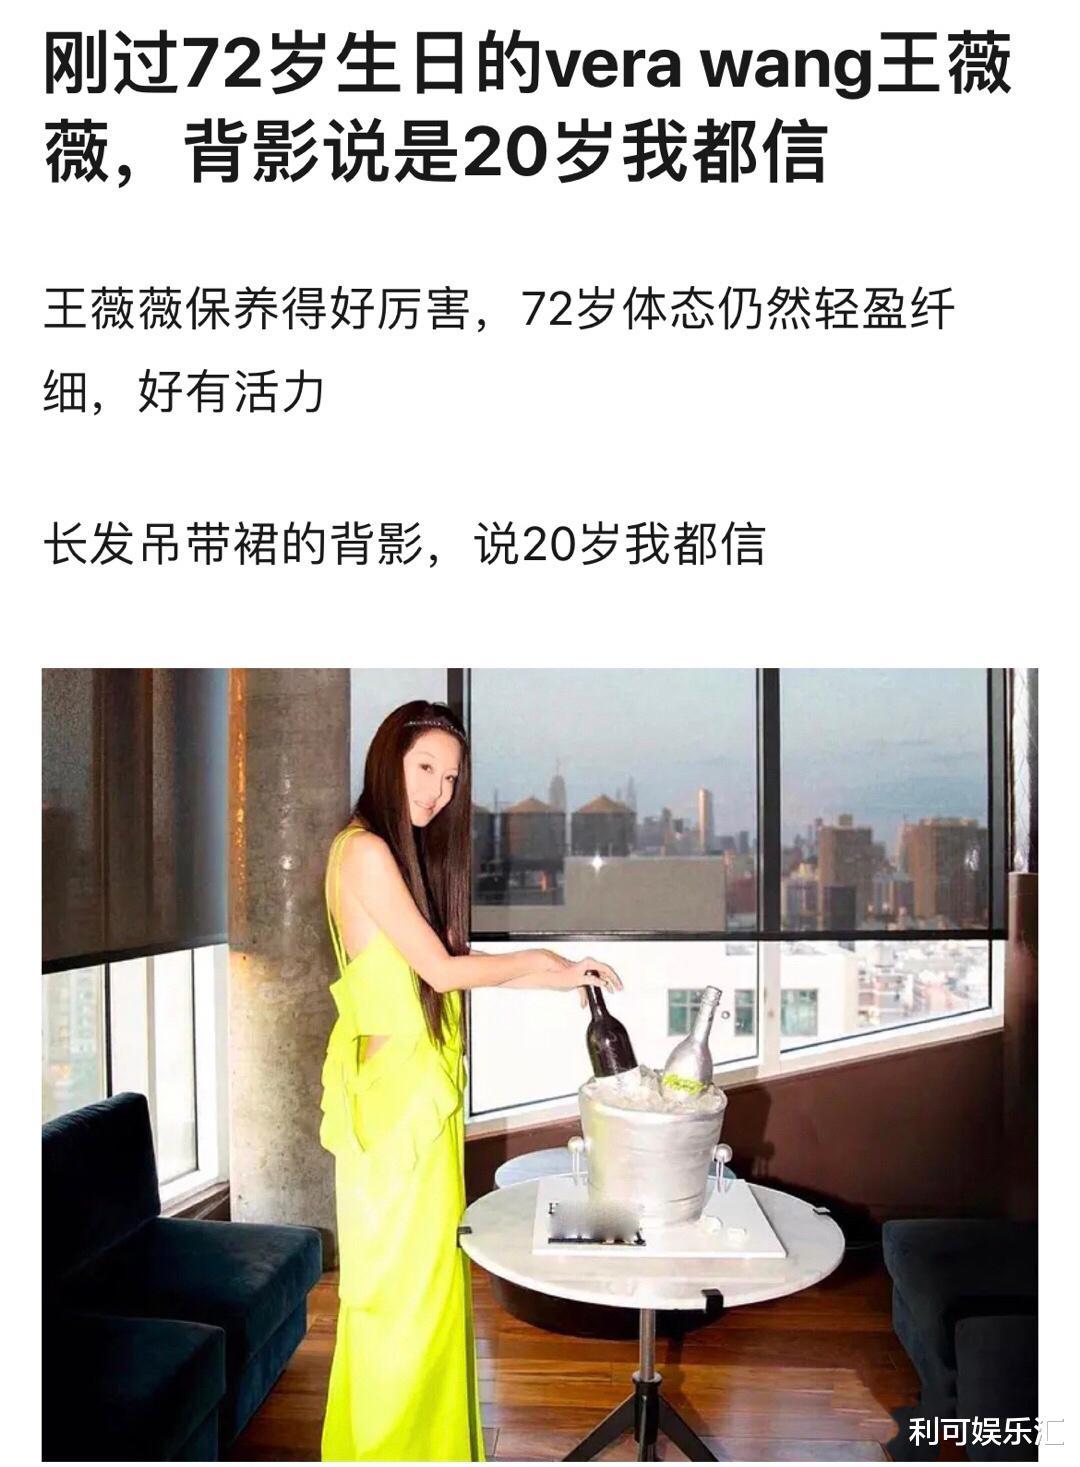 """又是""""照骗""""?72岁王薇薇容貌营销翻车,脱离滤镜后脸部老态显著_新闻娱乐频道"""